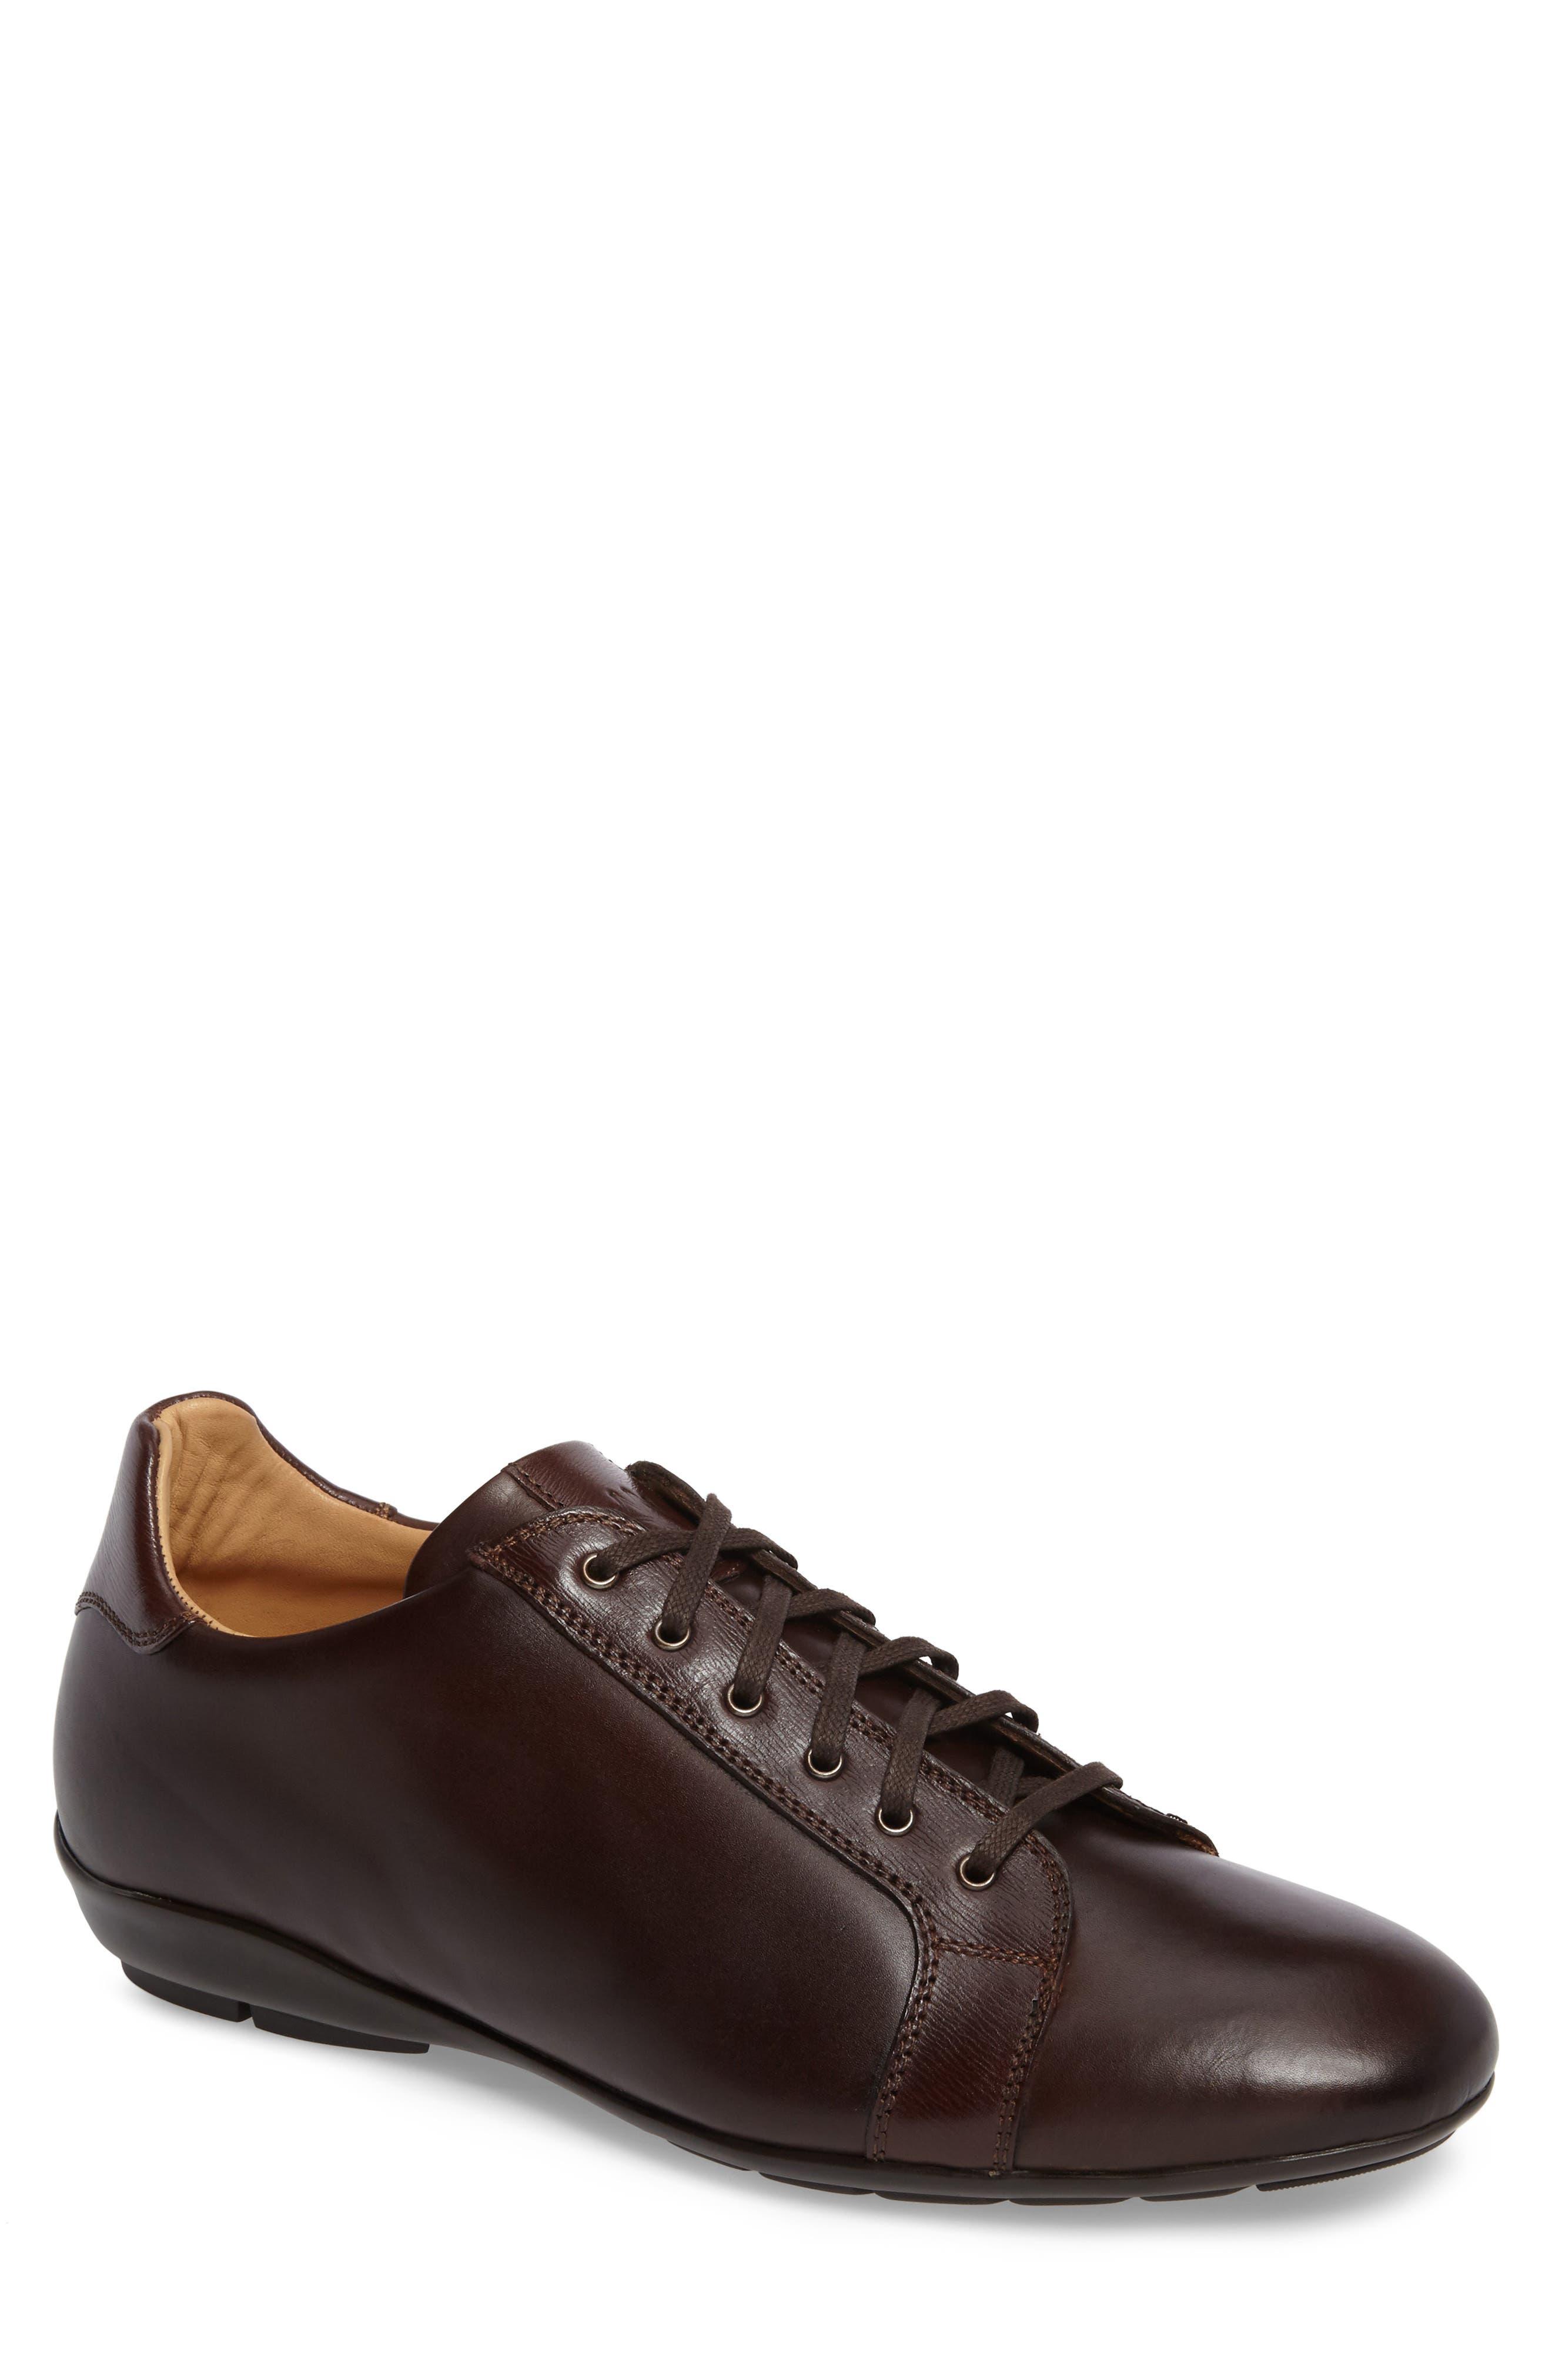 Ubrique Sneaker,                             Main thumbnail 1, color,                             Brown Multi Leather